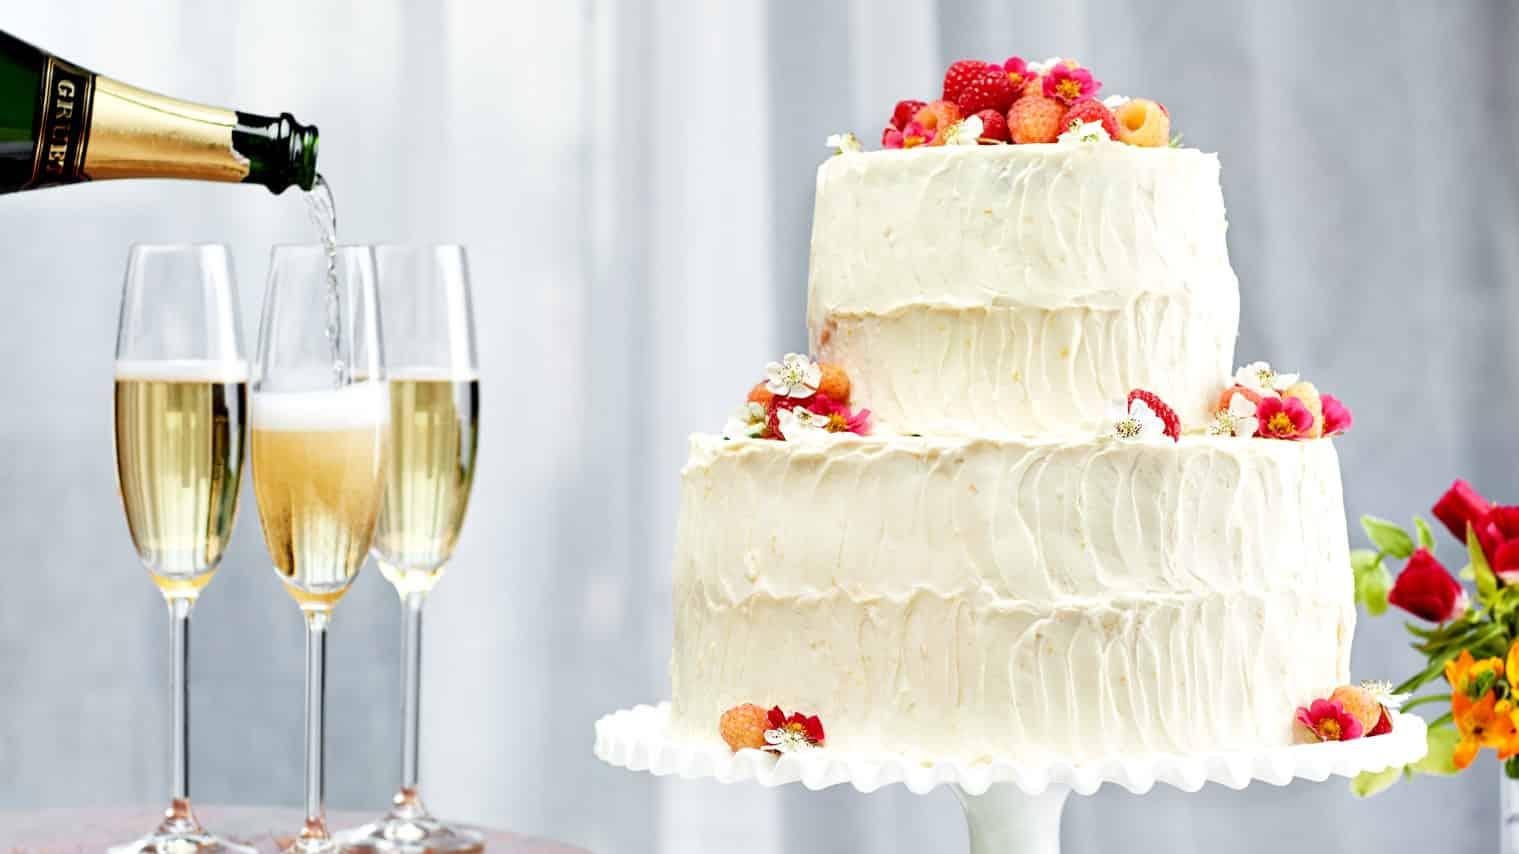 EP 06062016 VANILLA BUTTERMILK WEDDING CAKE WITH RASPBERRIES AND ORANGE CREAM CHEESE 100 RECETAS PARA HACER EN SU BATIDORA DE PIE   EPICURIOSO